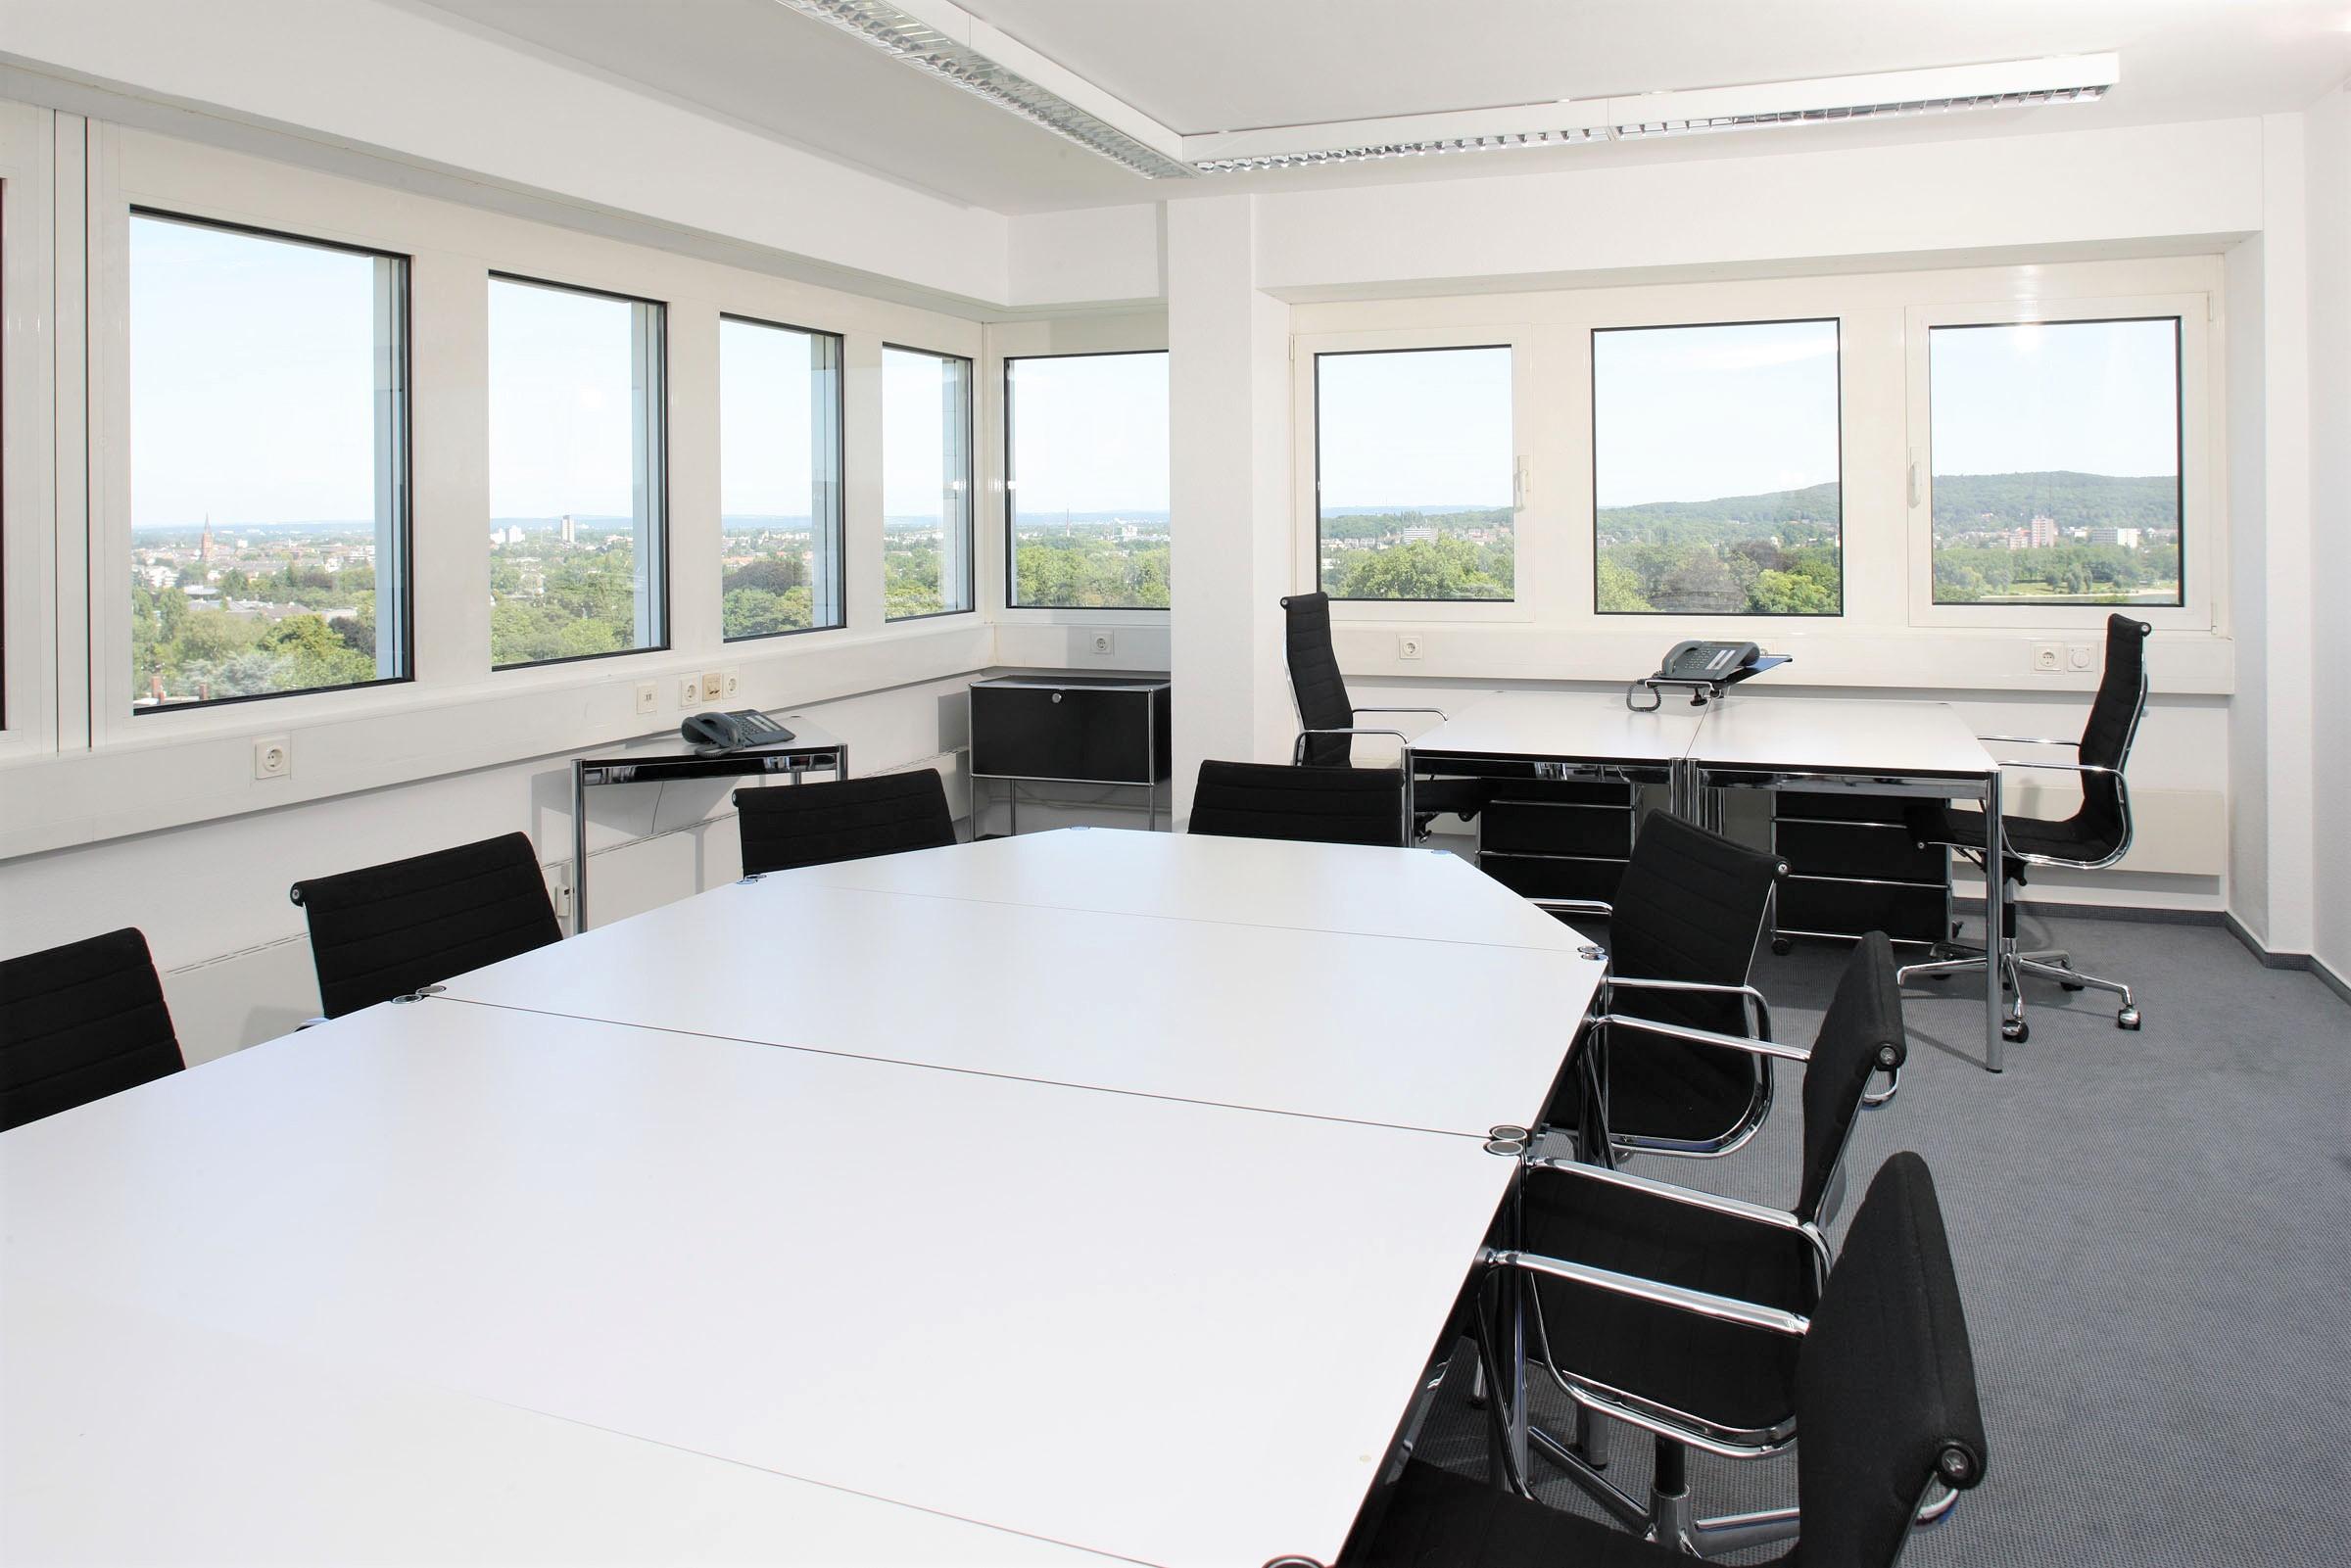 Office boardroom looking very clean